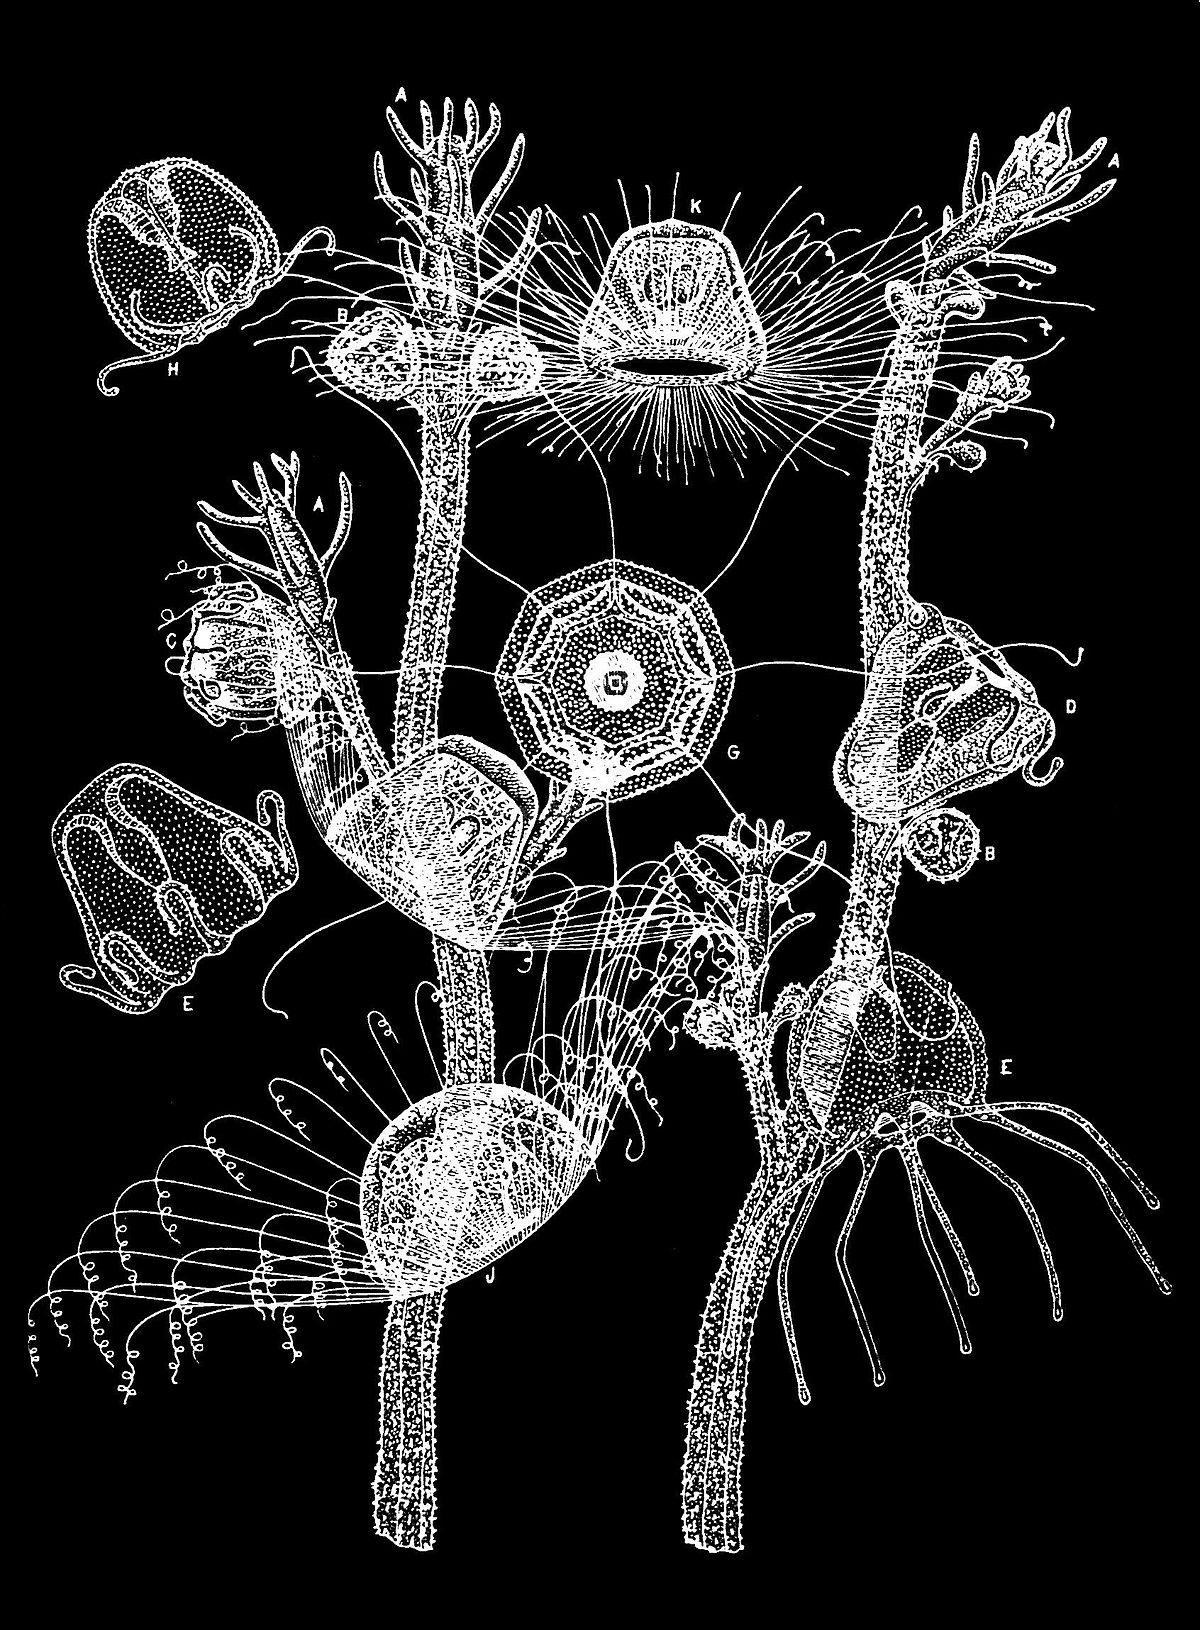 Turritopsis Dohrnii Wikispecies